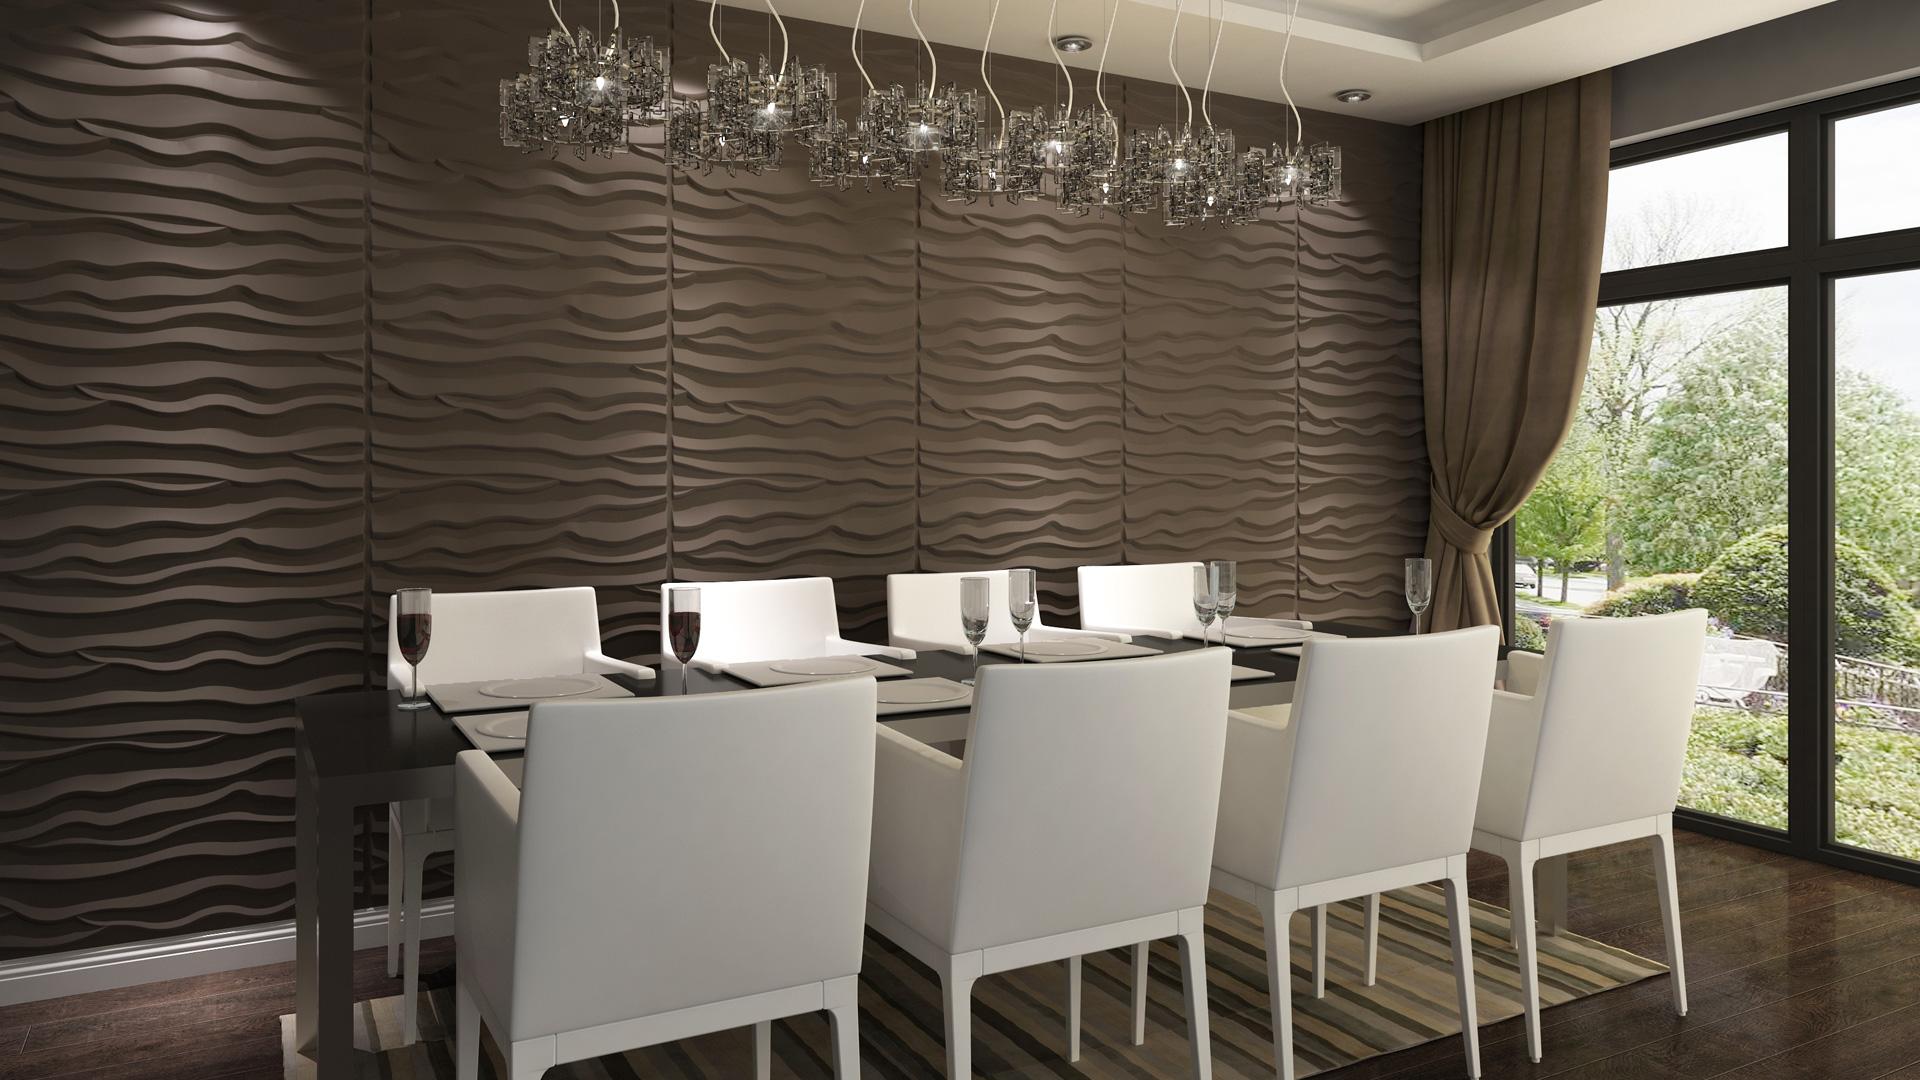 3D Wandpaneele - Produkte - Beach - Deckenpaneele - 3D Tapeten - Wandverkleidung